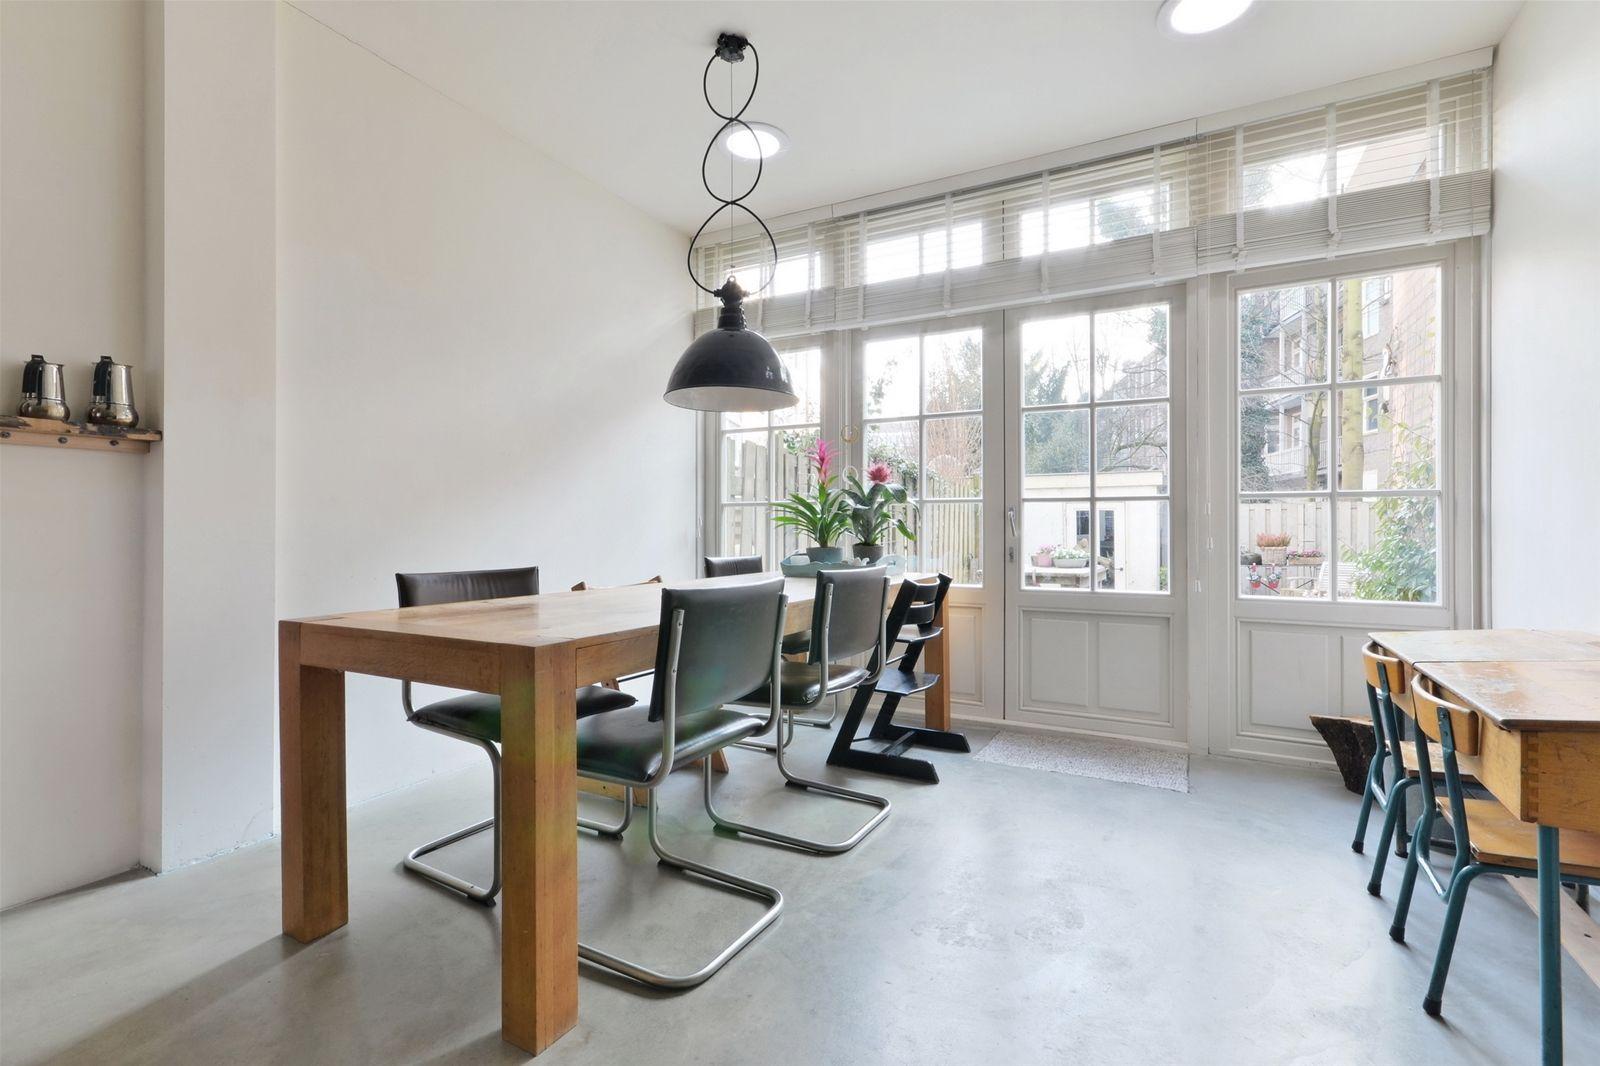 Pin by Inrichting Huis on Nieuw huis | Pinterest